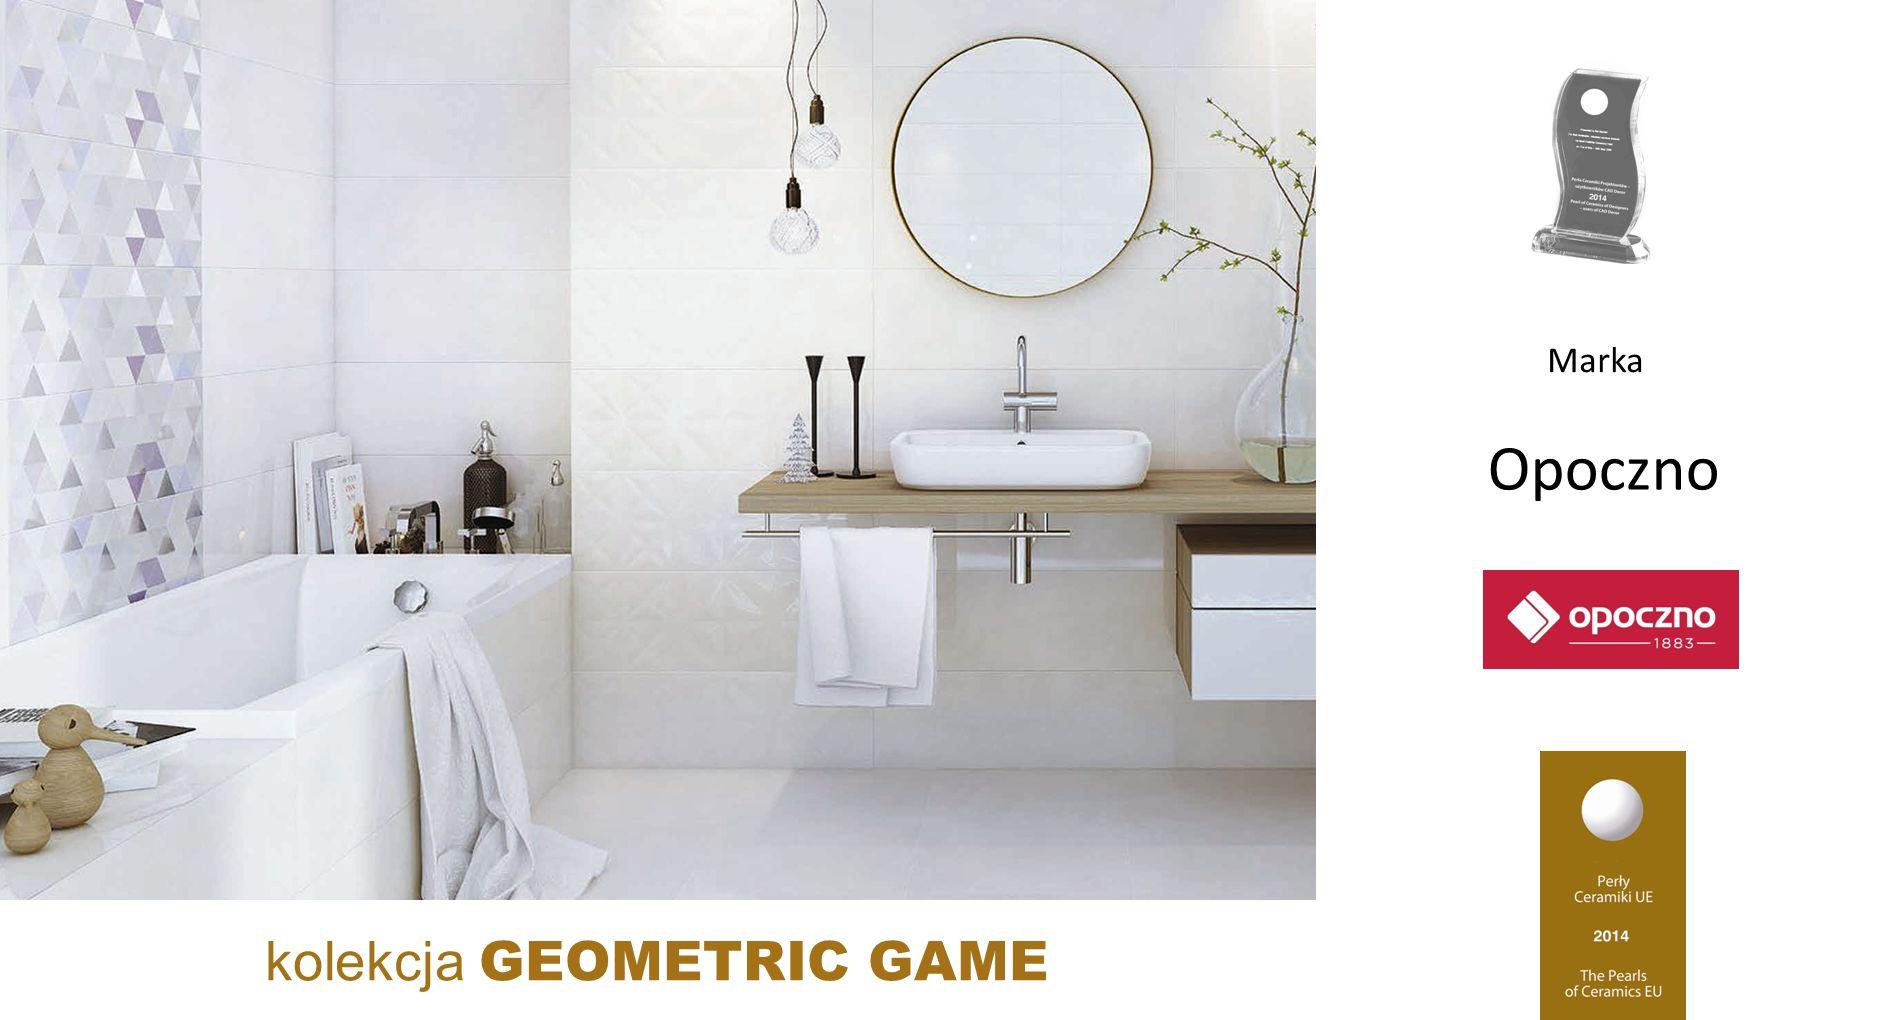 Opoczno kolekcja GEOMETRIC GAME Marka